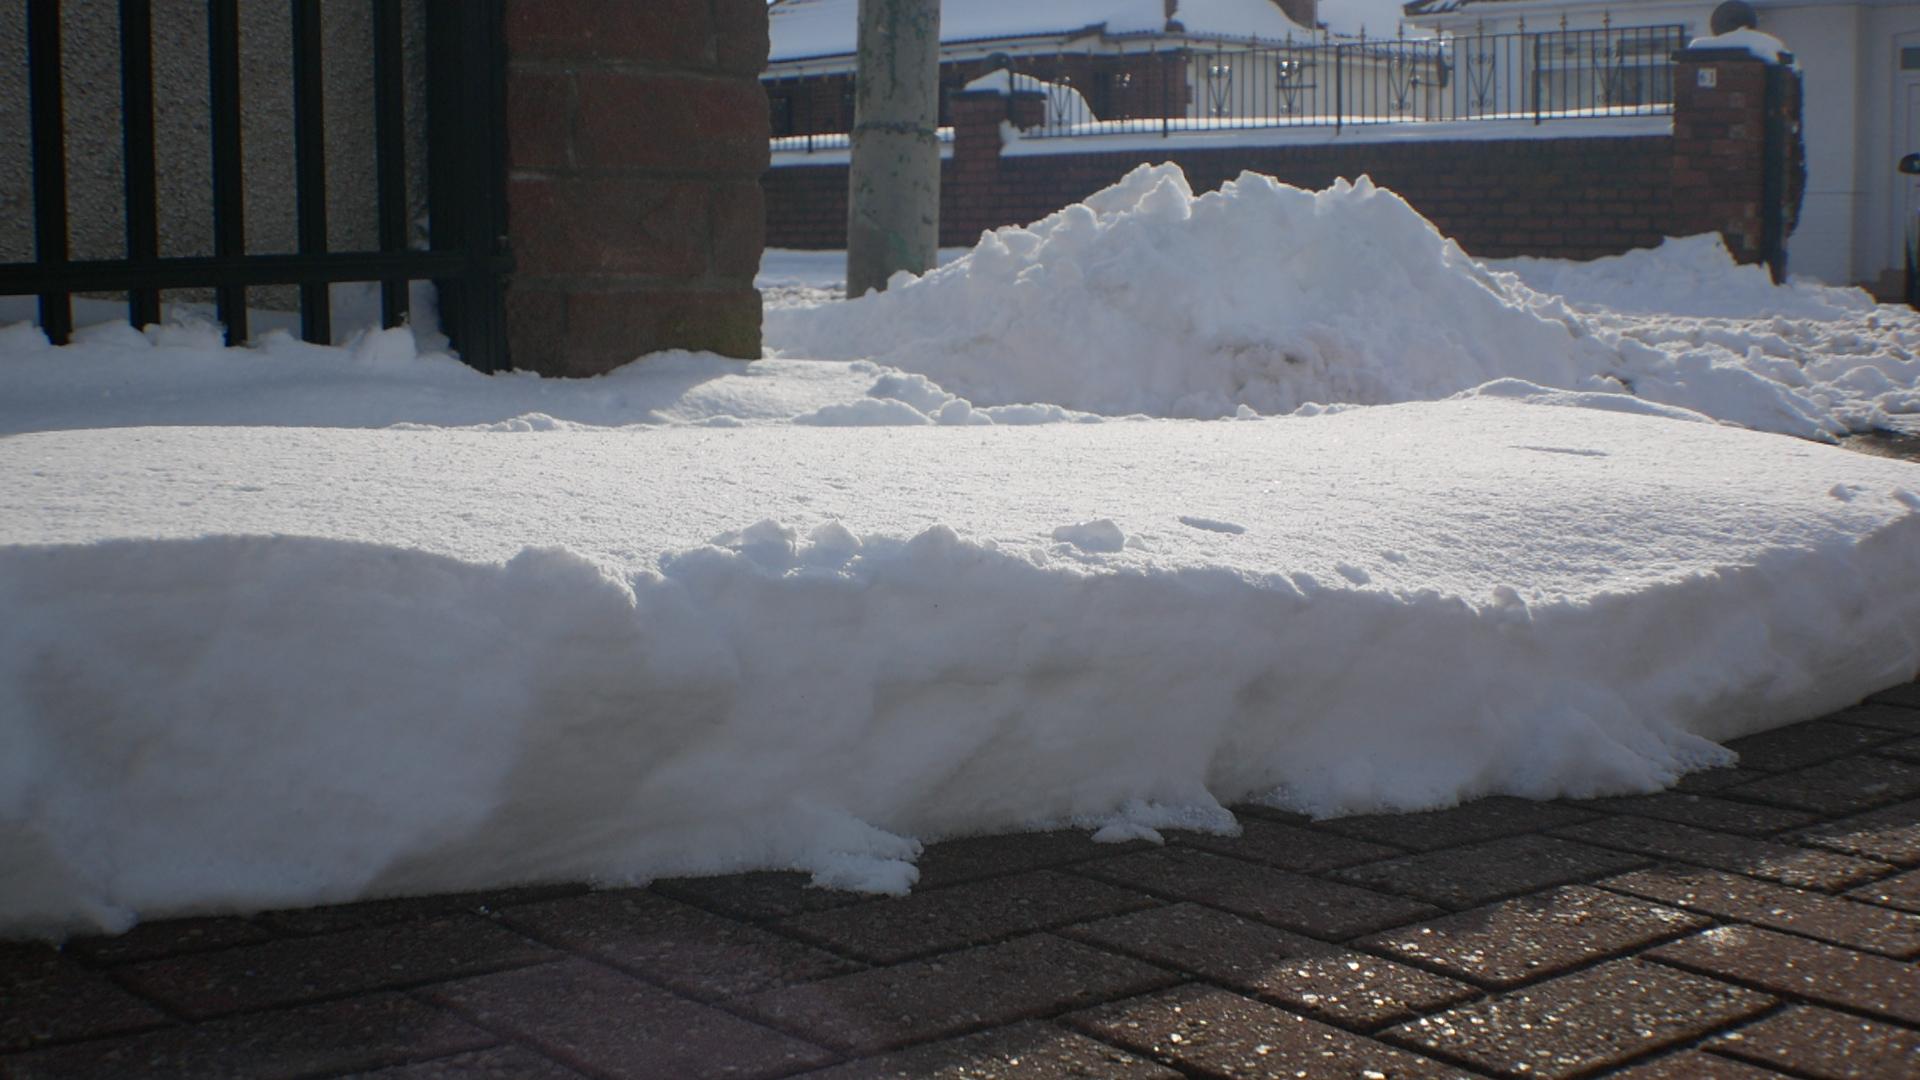 Shows untouched snow